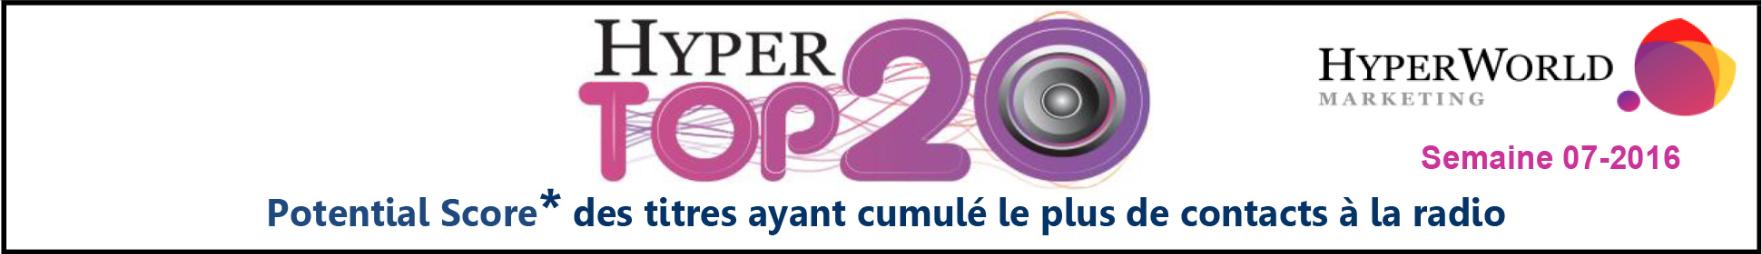 Le MAG 76 - HyperTop20 - Semaine 07-2016 Le dessous des cartes de Yacast